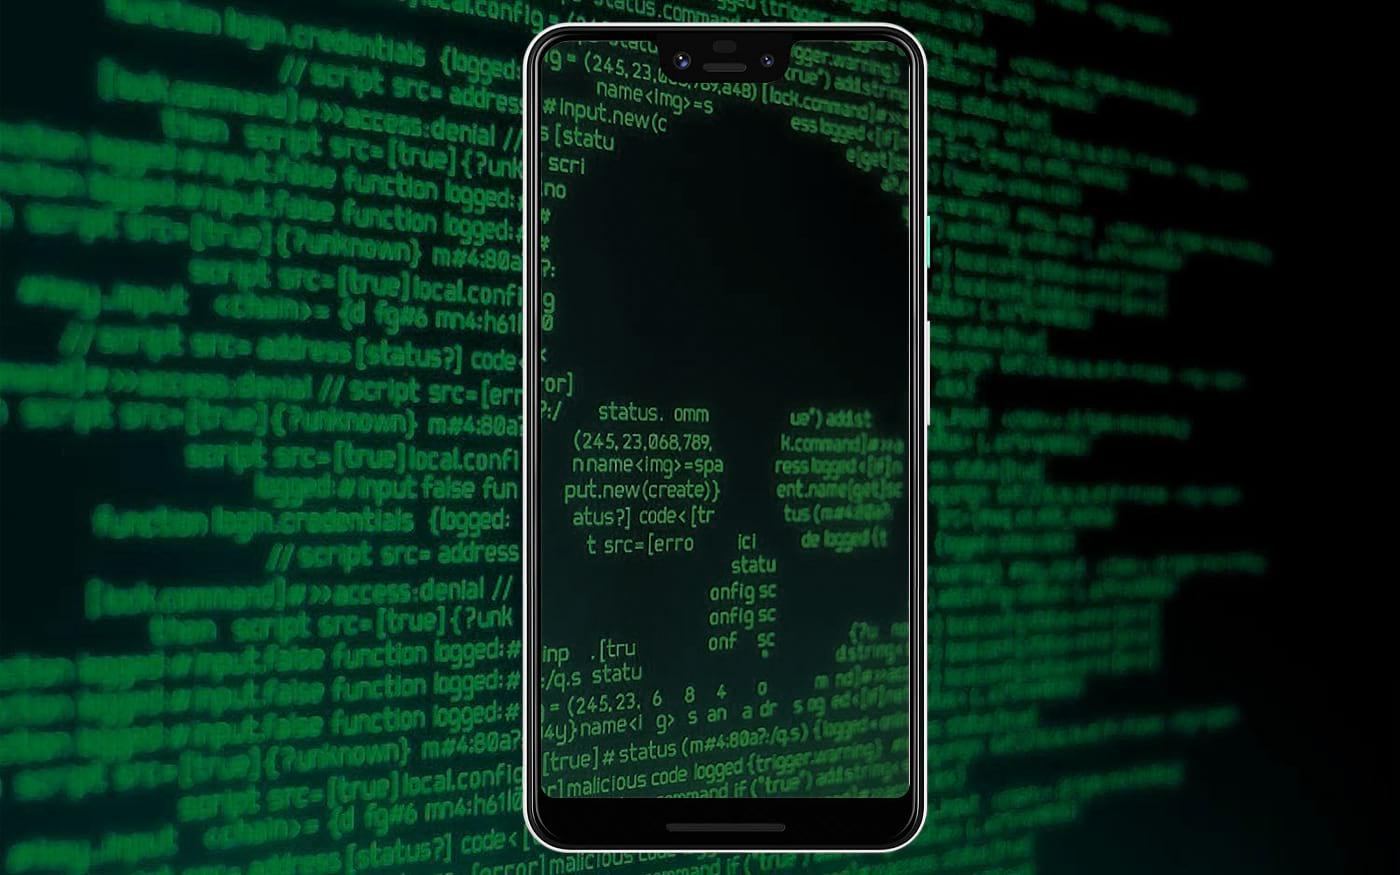 Malware Android: Falha de segurança também atinge criminosos